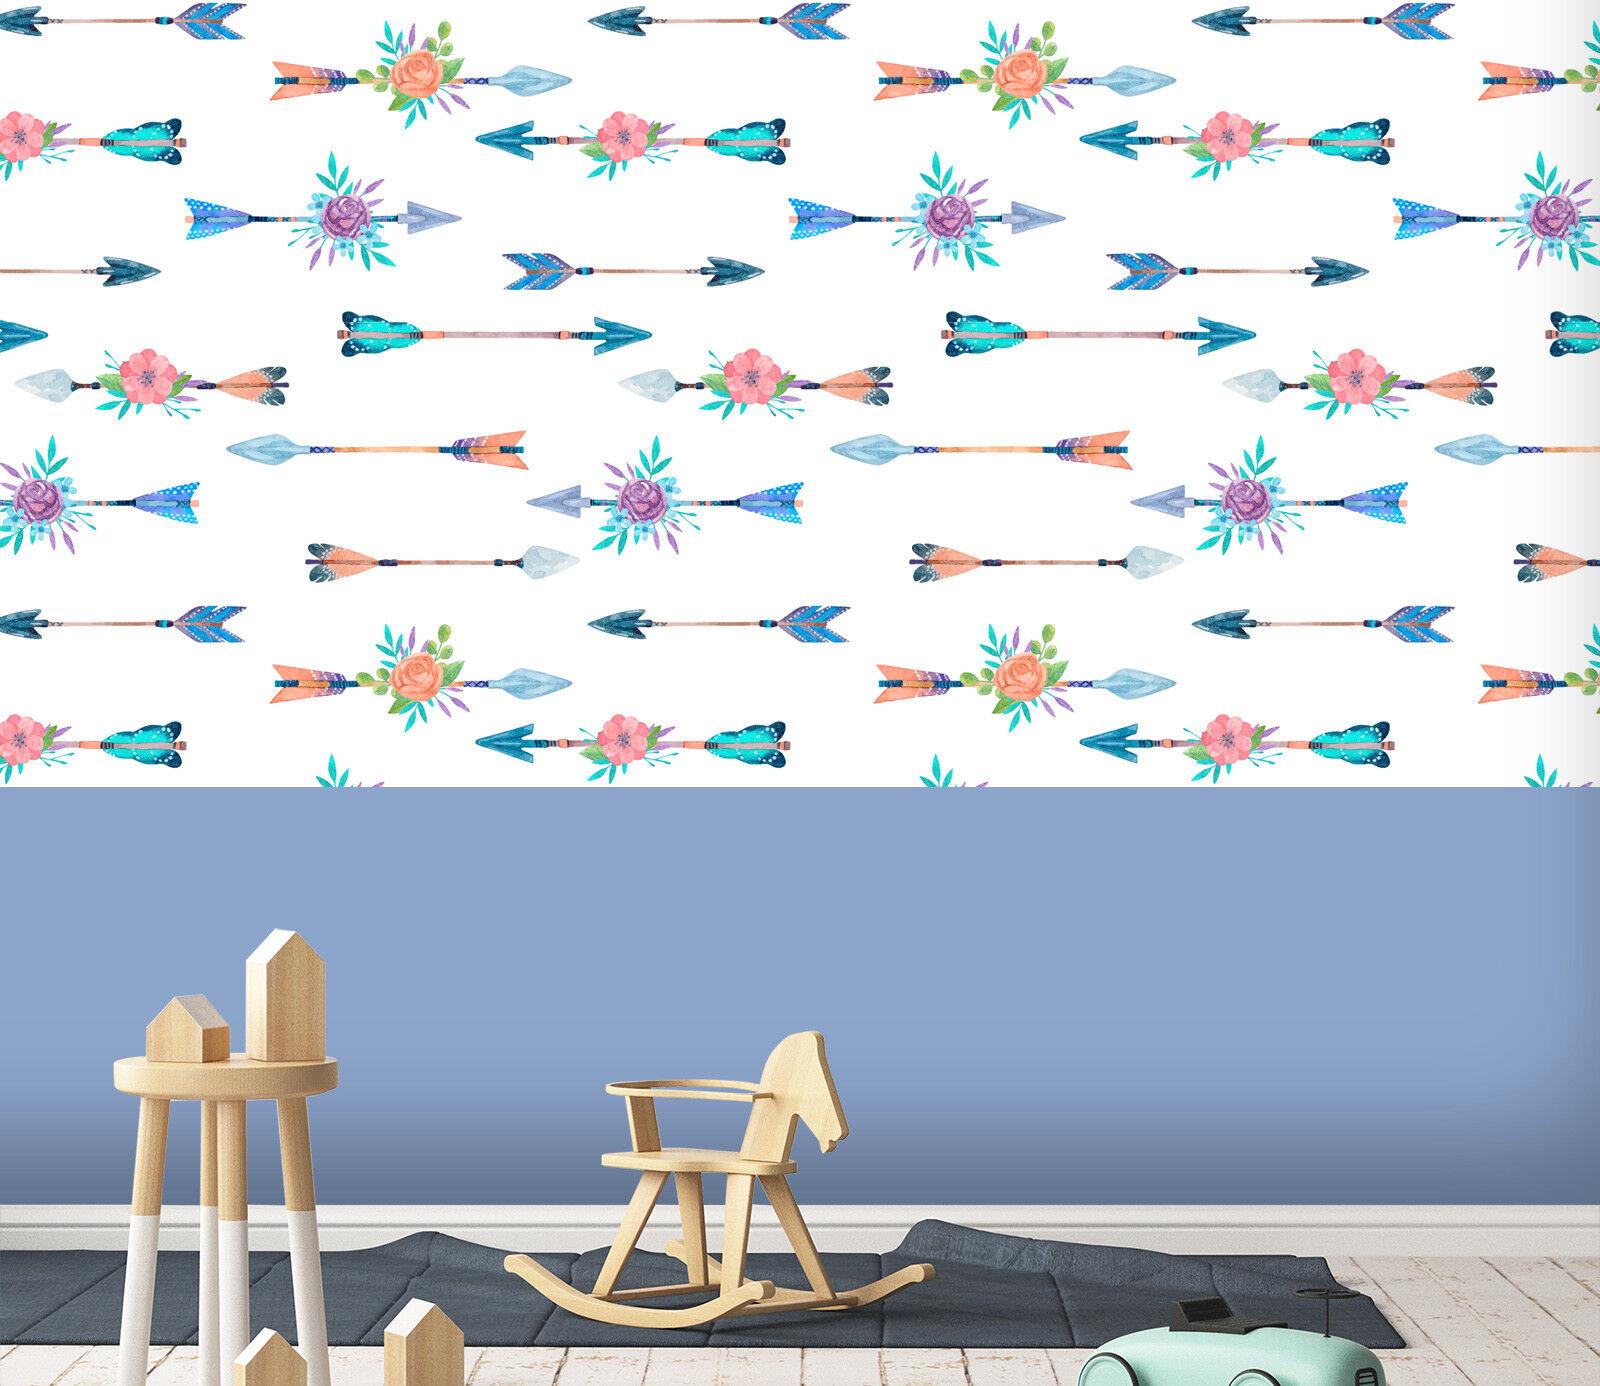 3D Blau Pfeil Blaume 23 Tapete Wandgemälde Tapete Tapeten Familie Kinde DE Lemon